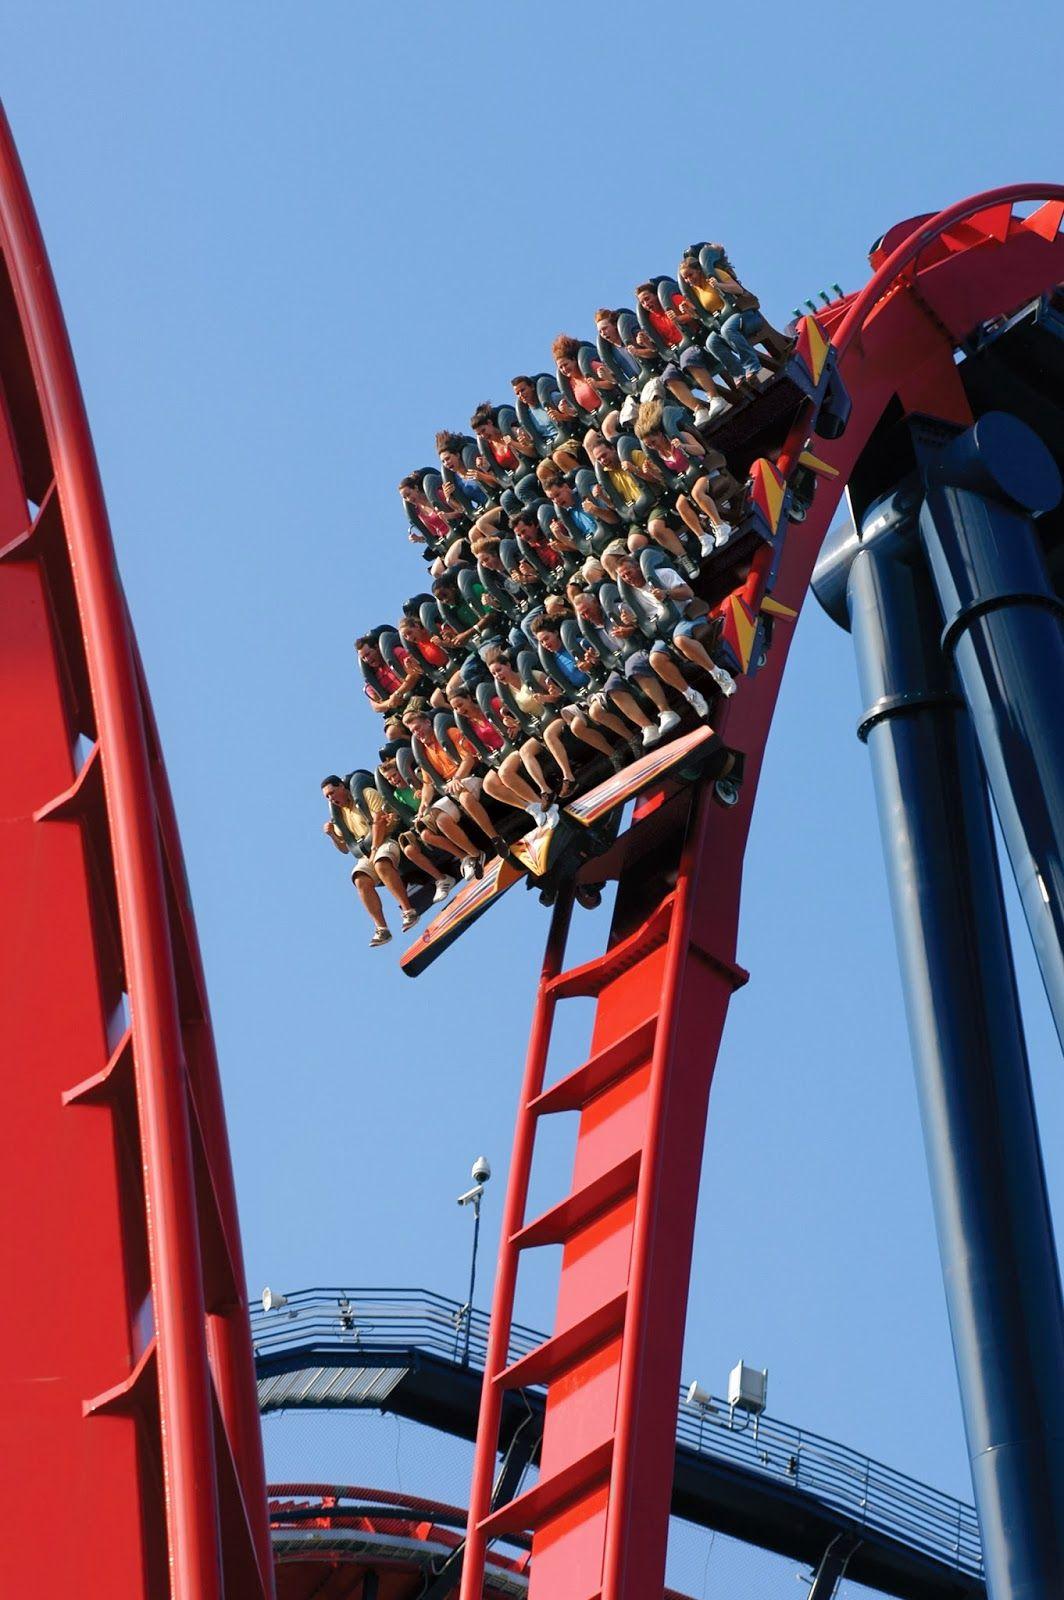 767f75be231562a441c79844d819a75e - Sheikra Roller Coaster At Busch Gardens